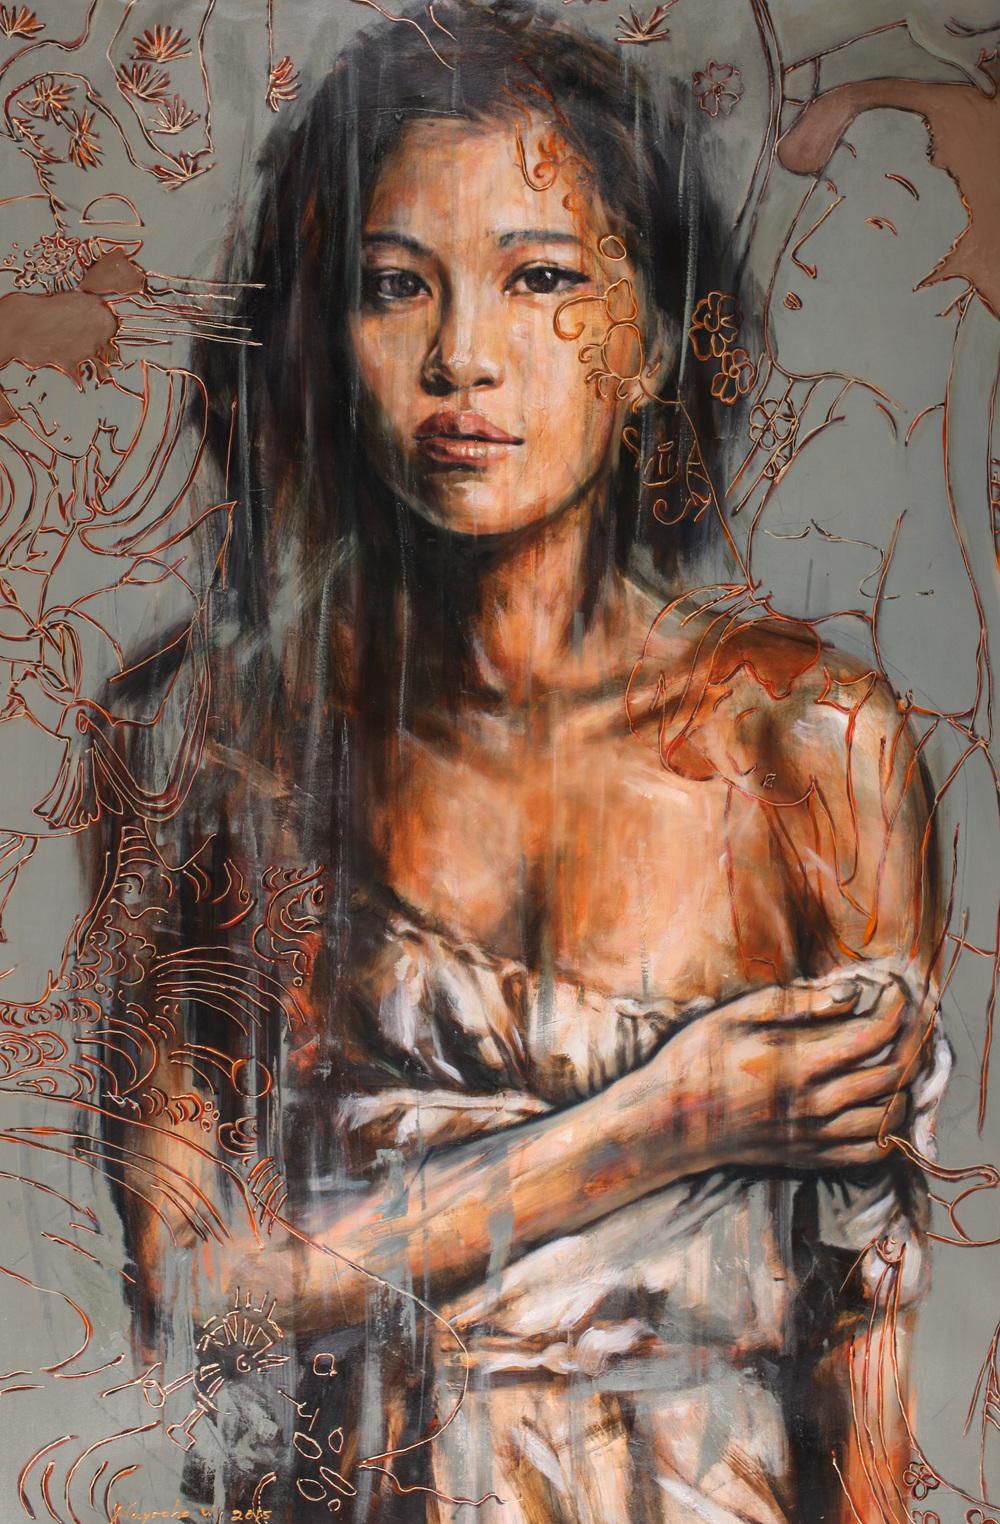 Nugroho WIJAYATMO, Oriental #5 , 2015, Acrylic on canvas, 150 x 100 cm